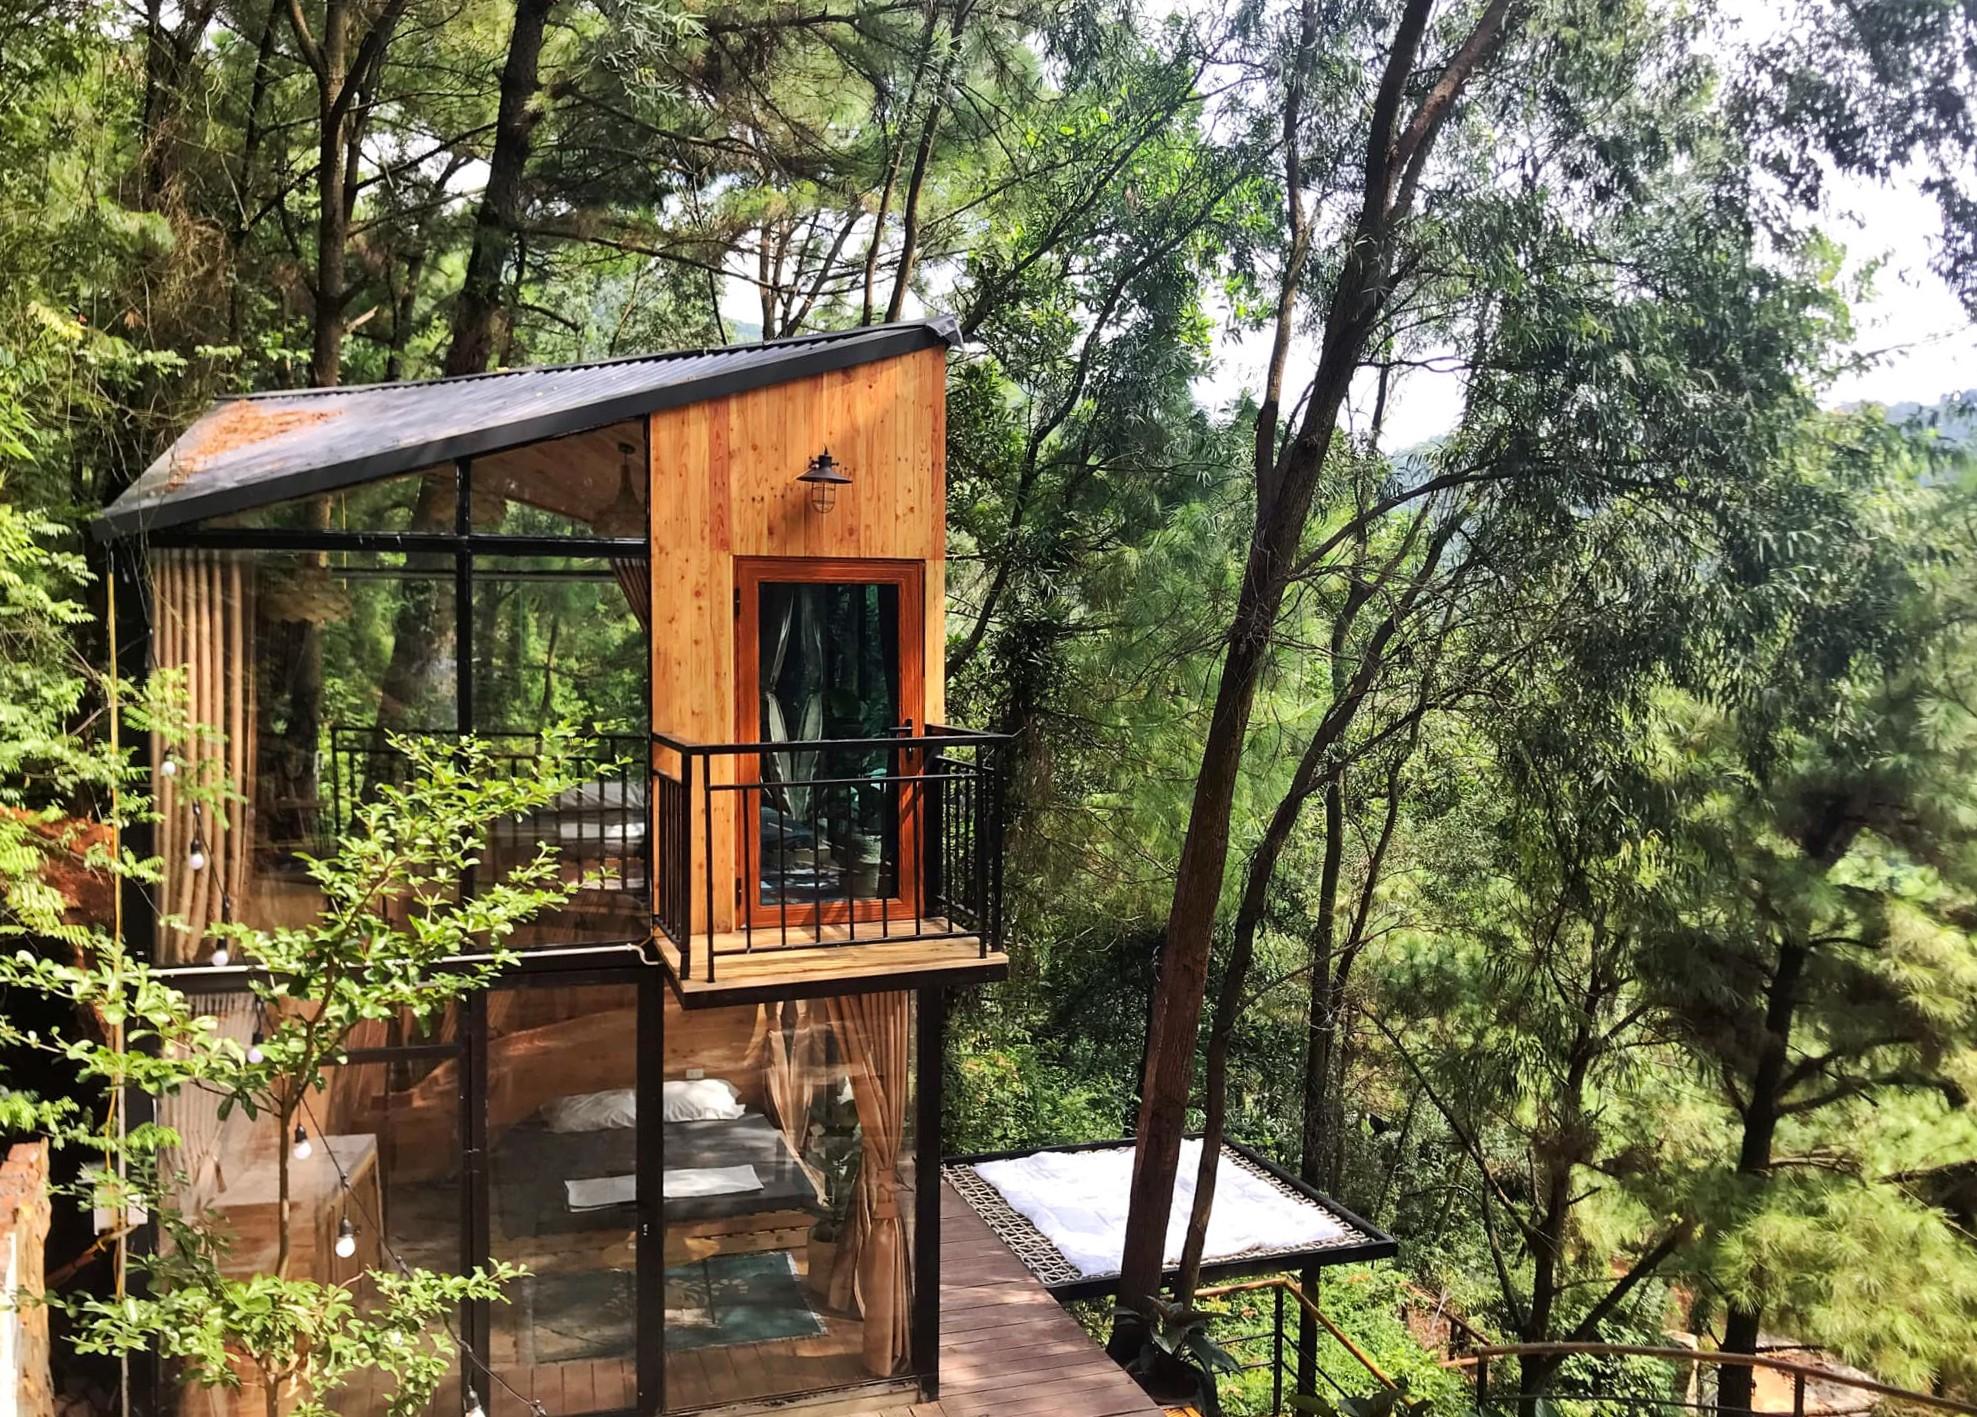 Một căn nhà Gỗ Rừng Thông hai tầng view núi rừng. Khu nghỉ này có giá phòng từ 1,1 đến 6,5 triệu đồng/ đêm tùy loại phòng, số lượng người và thời điểm đặt chỗ. Ảnh: Debay Villa